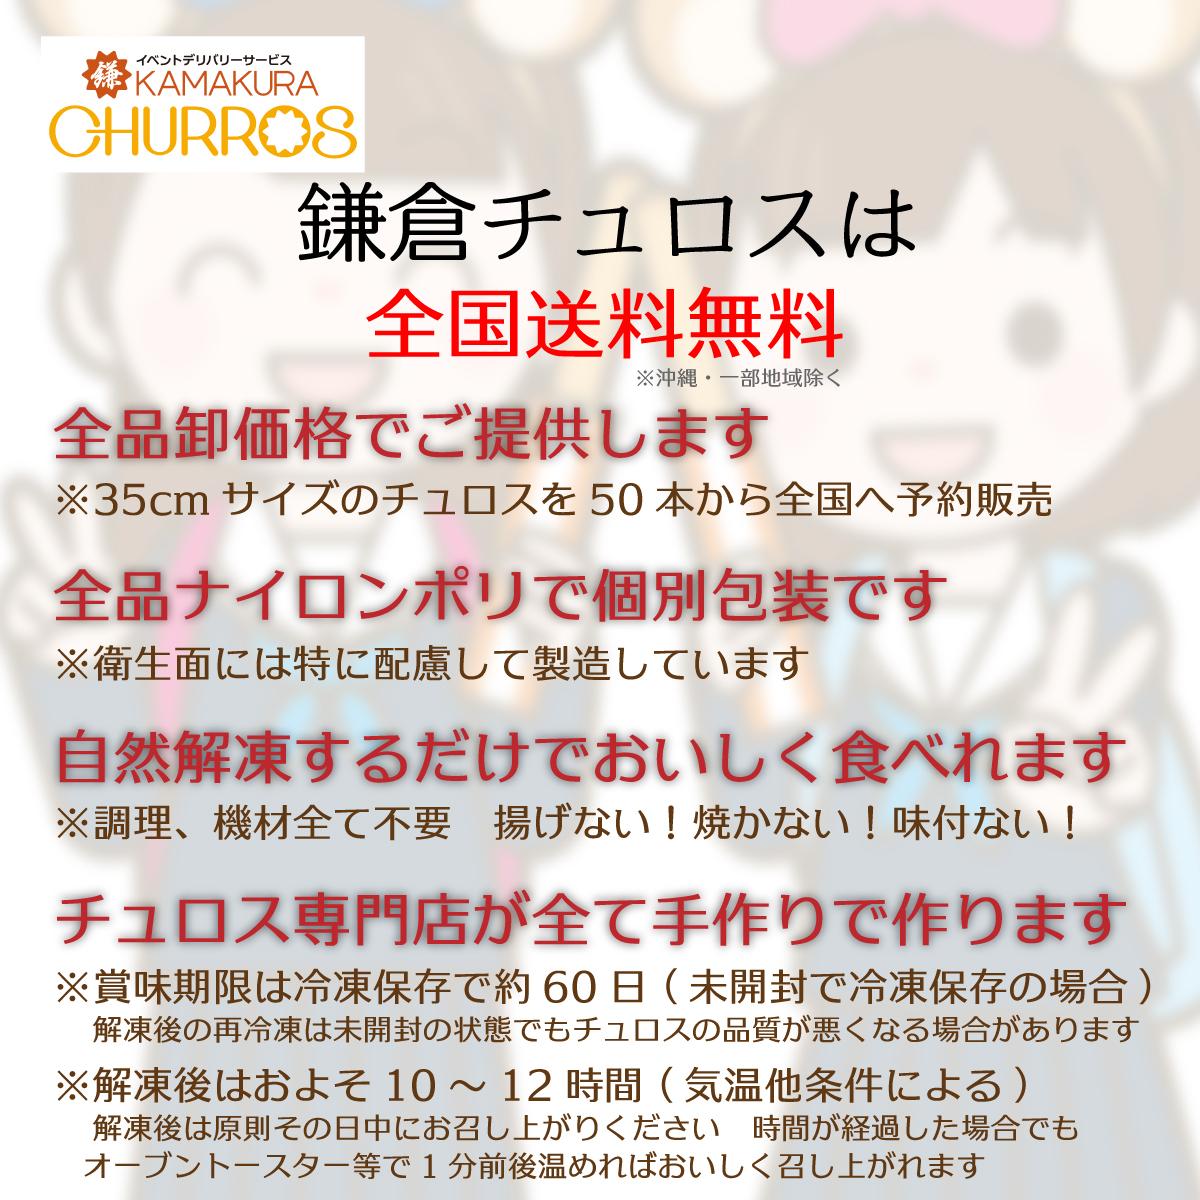 イベントデリバリーサービス【前日宅配便】(50本セット) 画像8